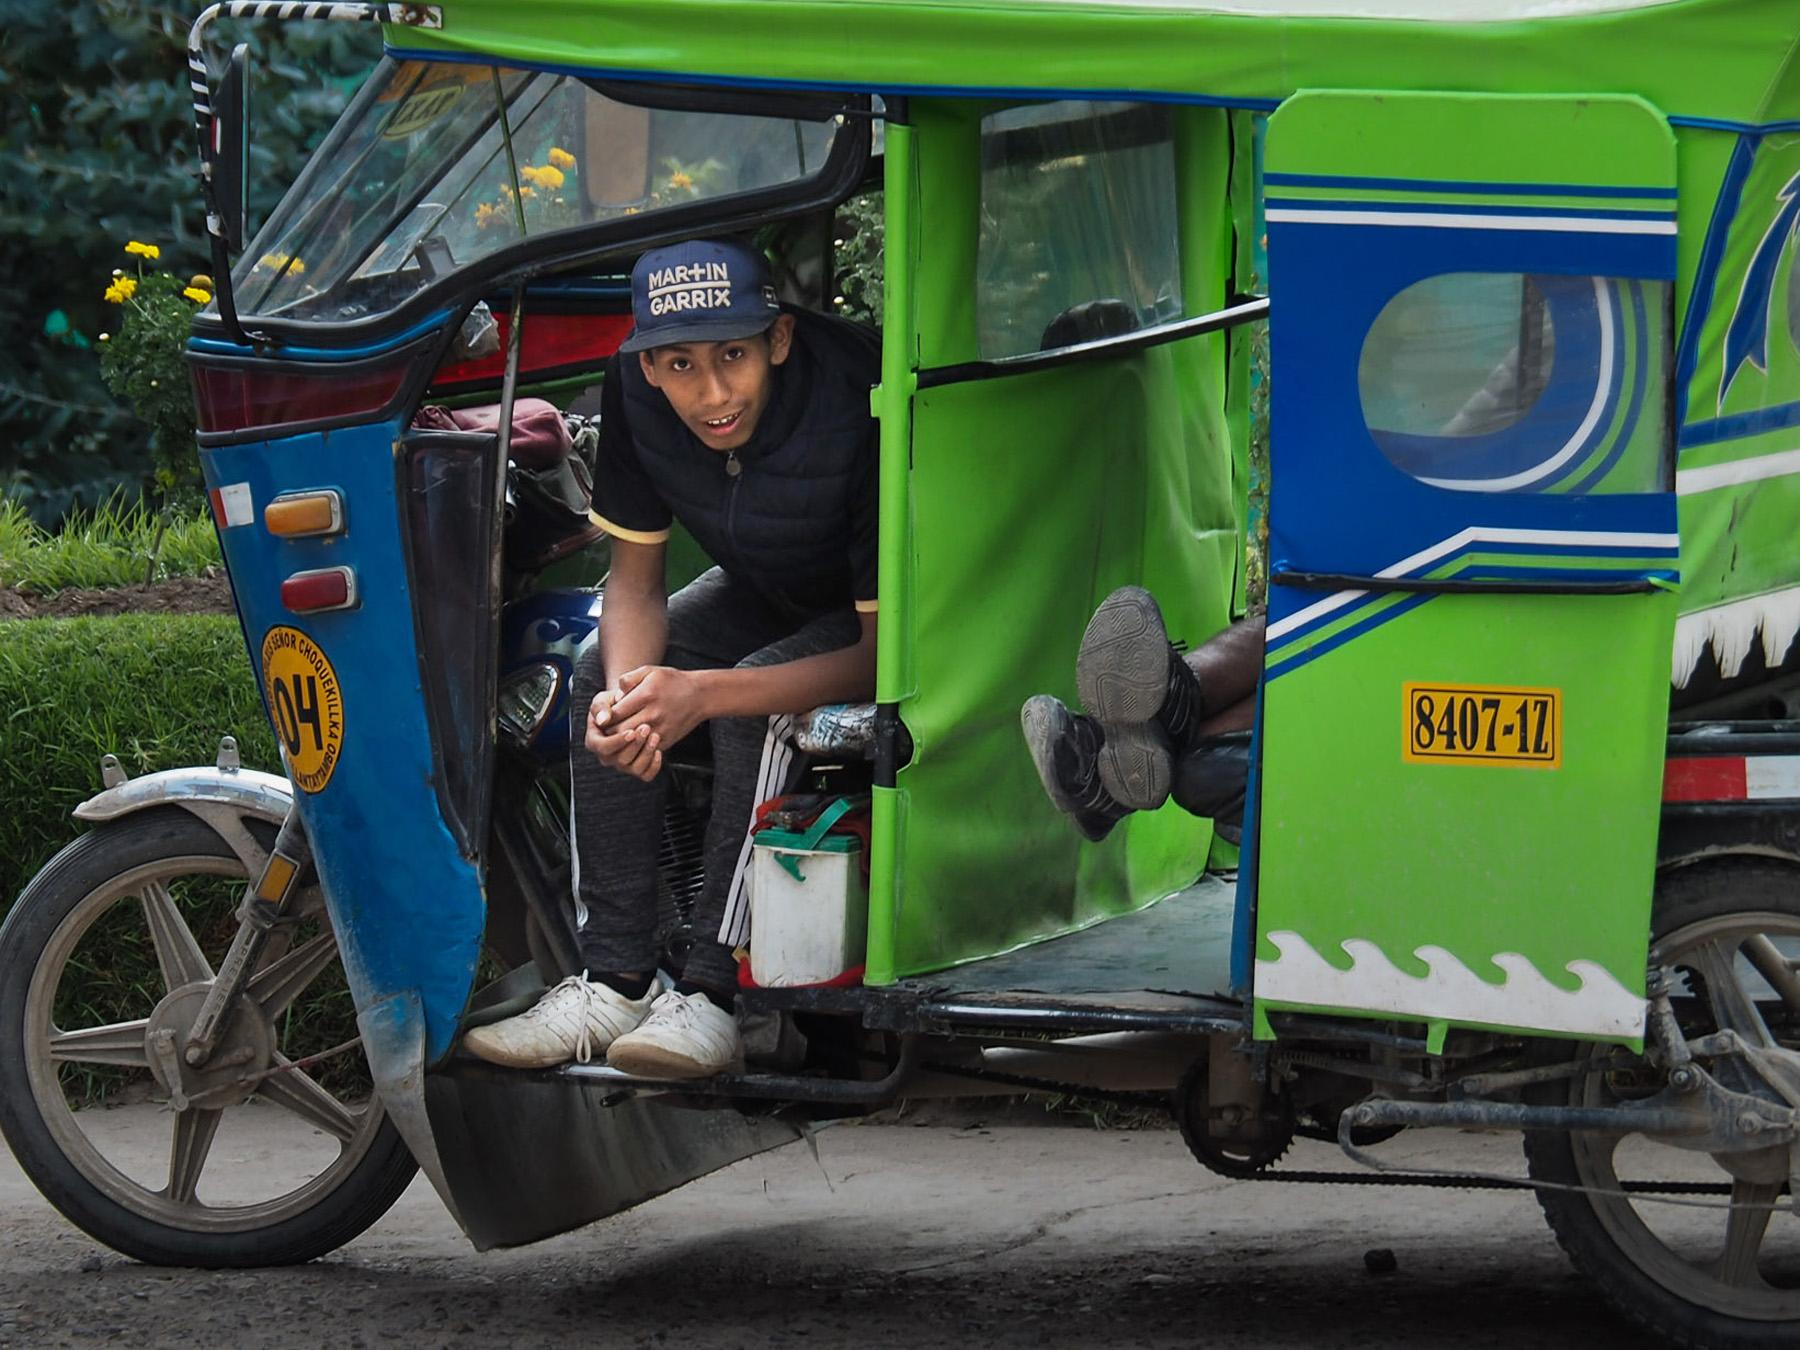 Die Tucktuck-Fahrer hegen und pflegen ihre bunten Fahrzeuge